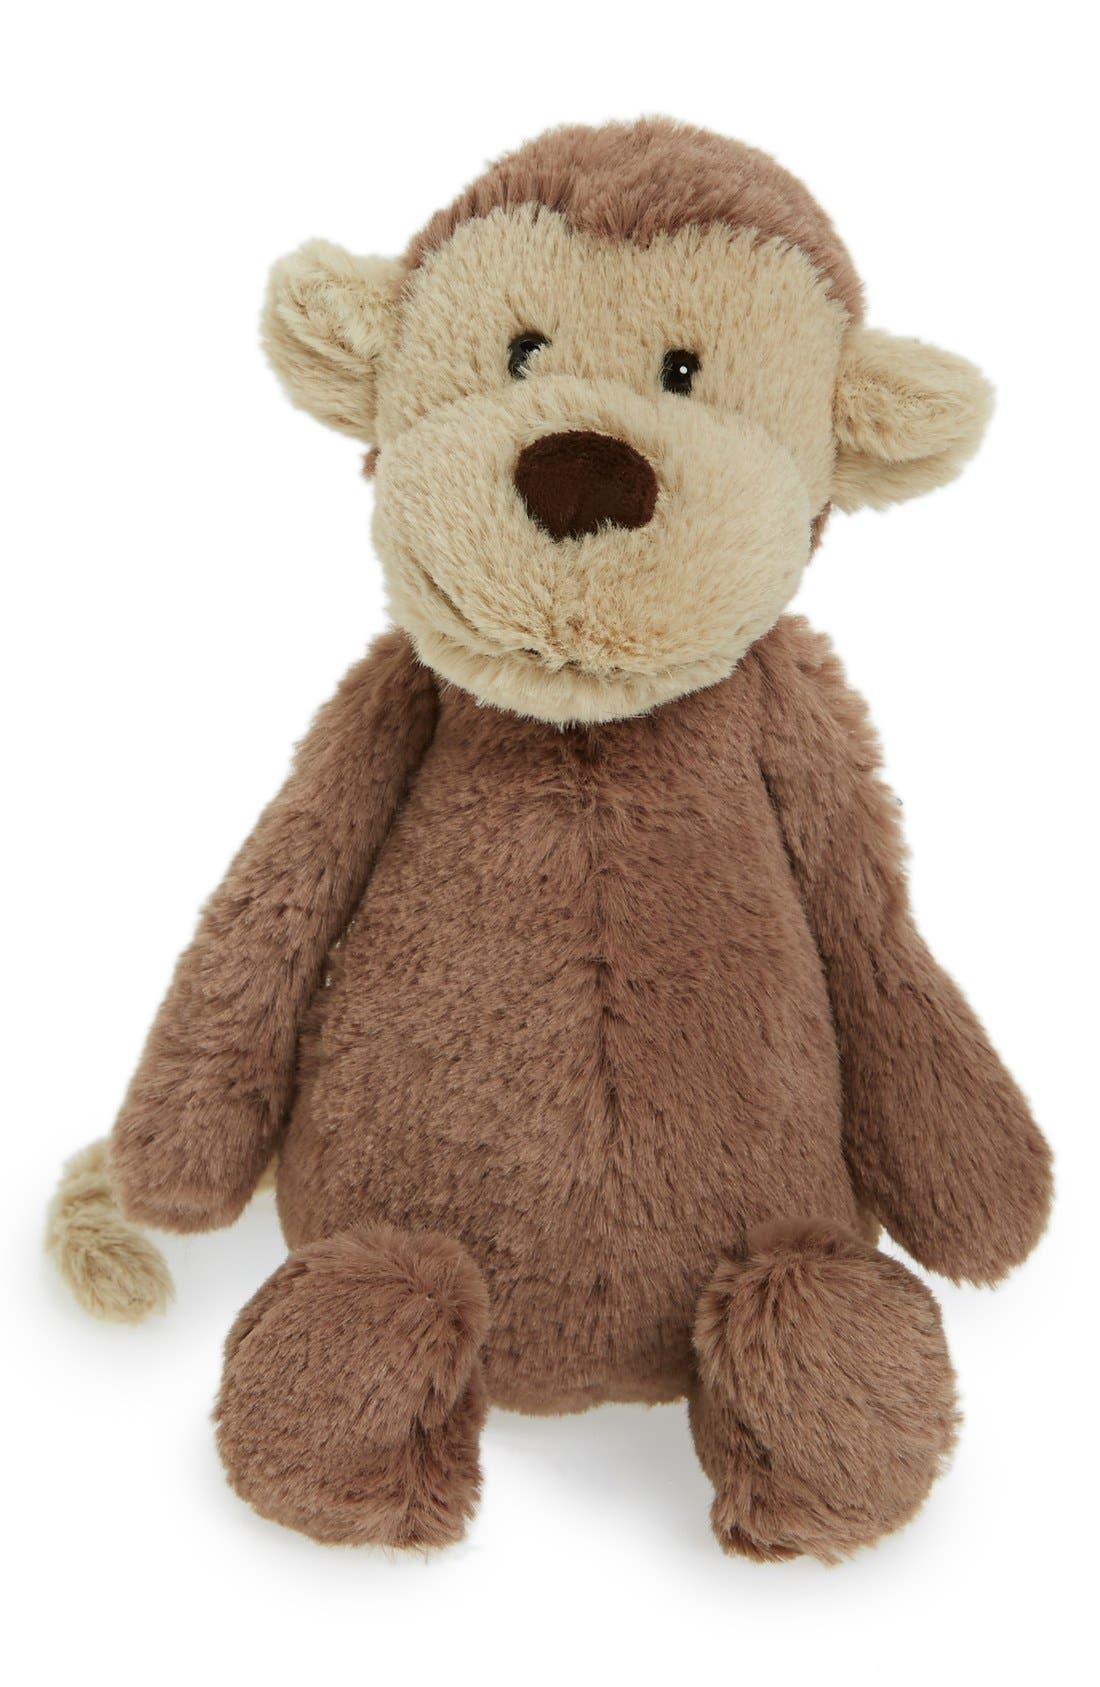 'Small Bashful Monkey' Stuffed Animal,                             Main thumbnail 1, color,                             200